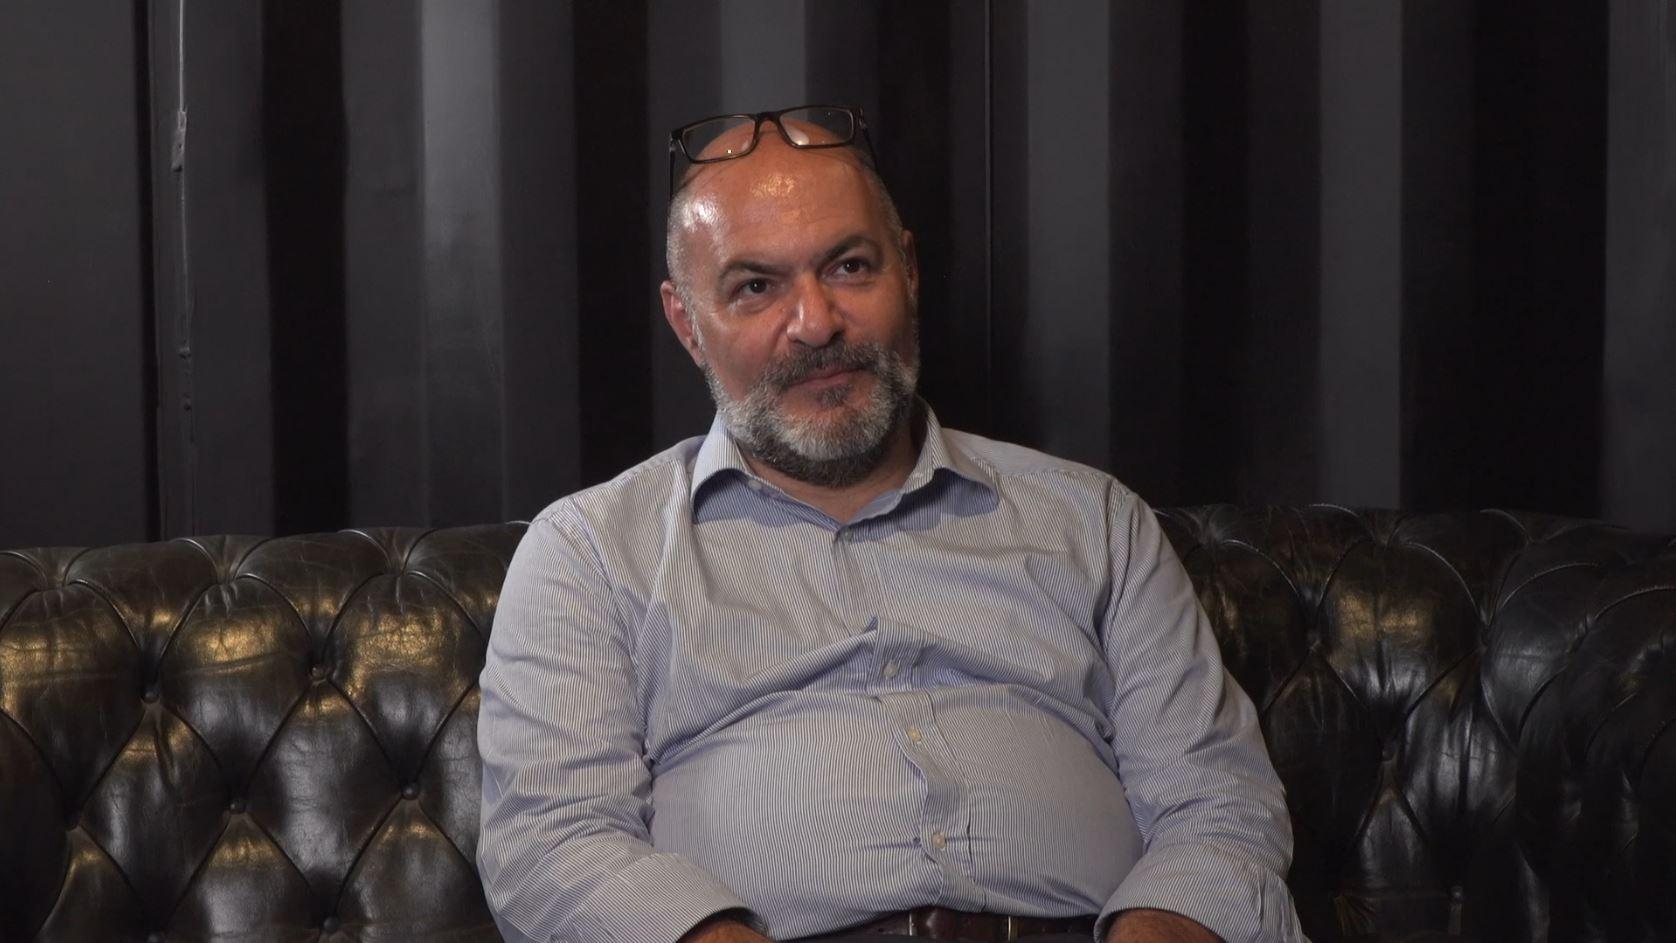 Adriano Coppetti